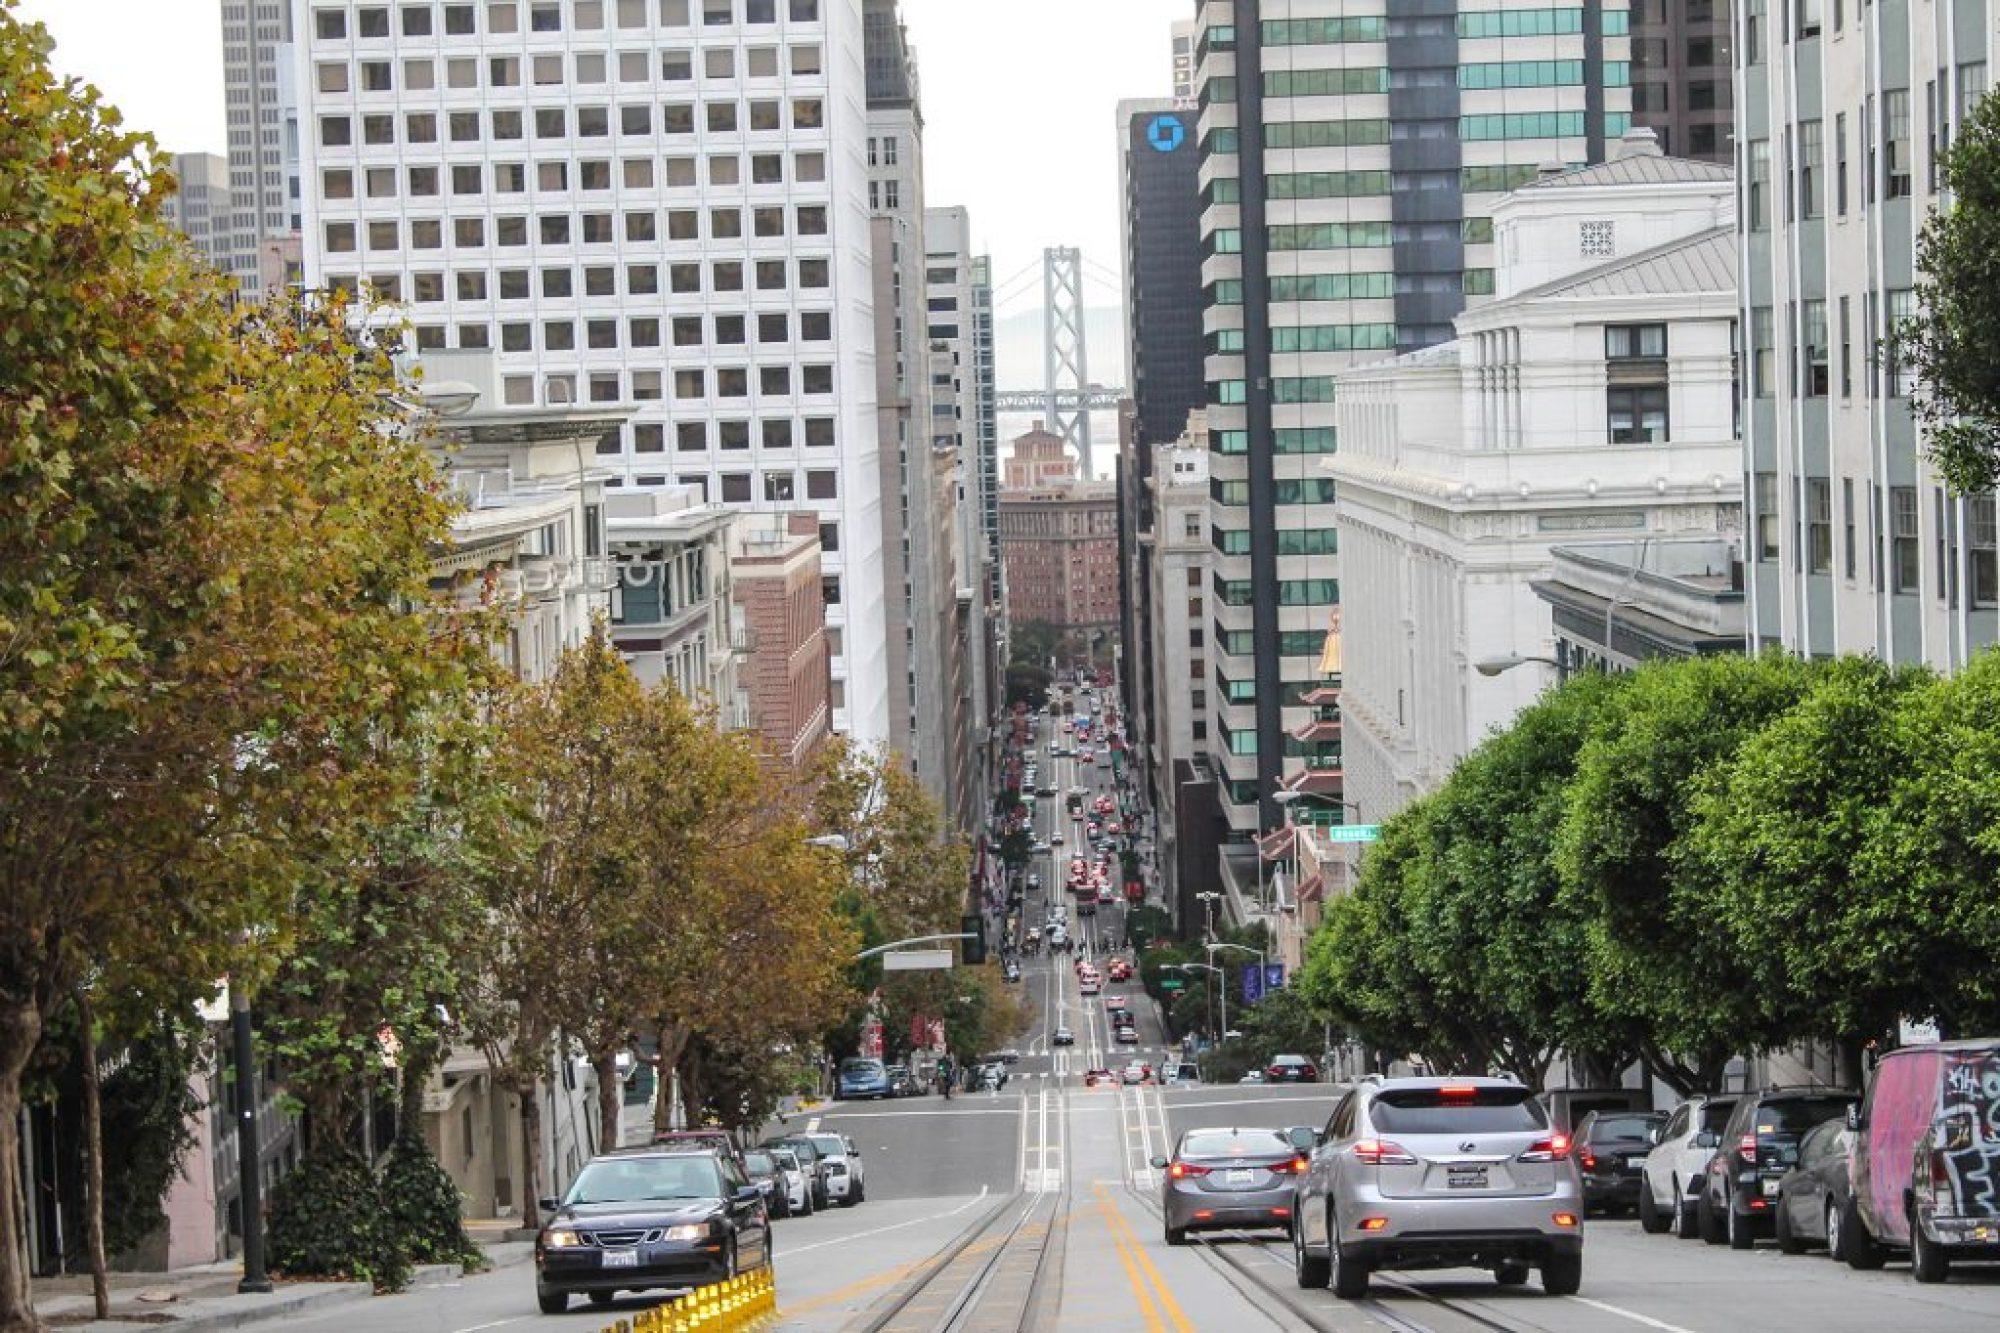 Tranvías de San Francisco-6